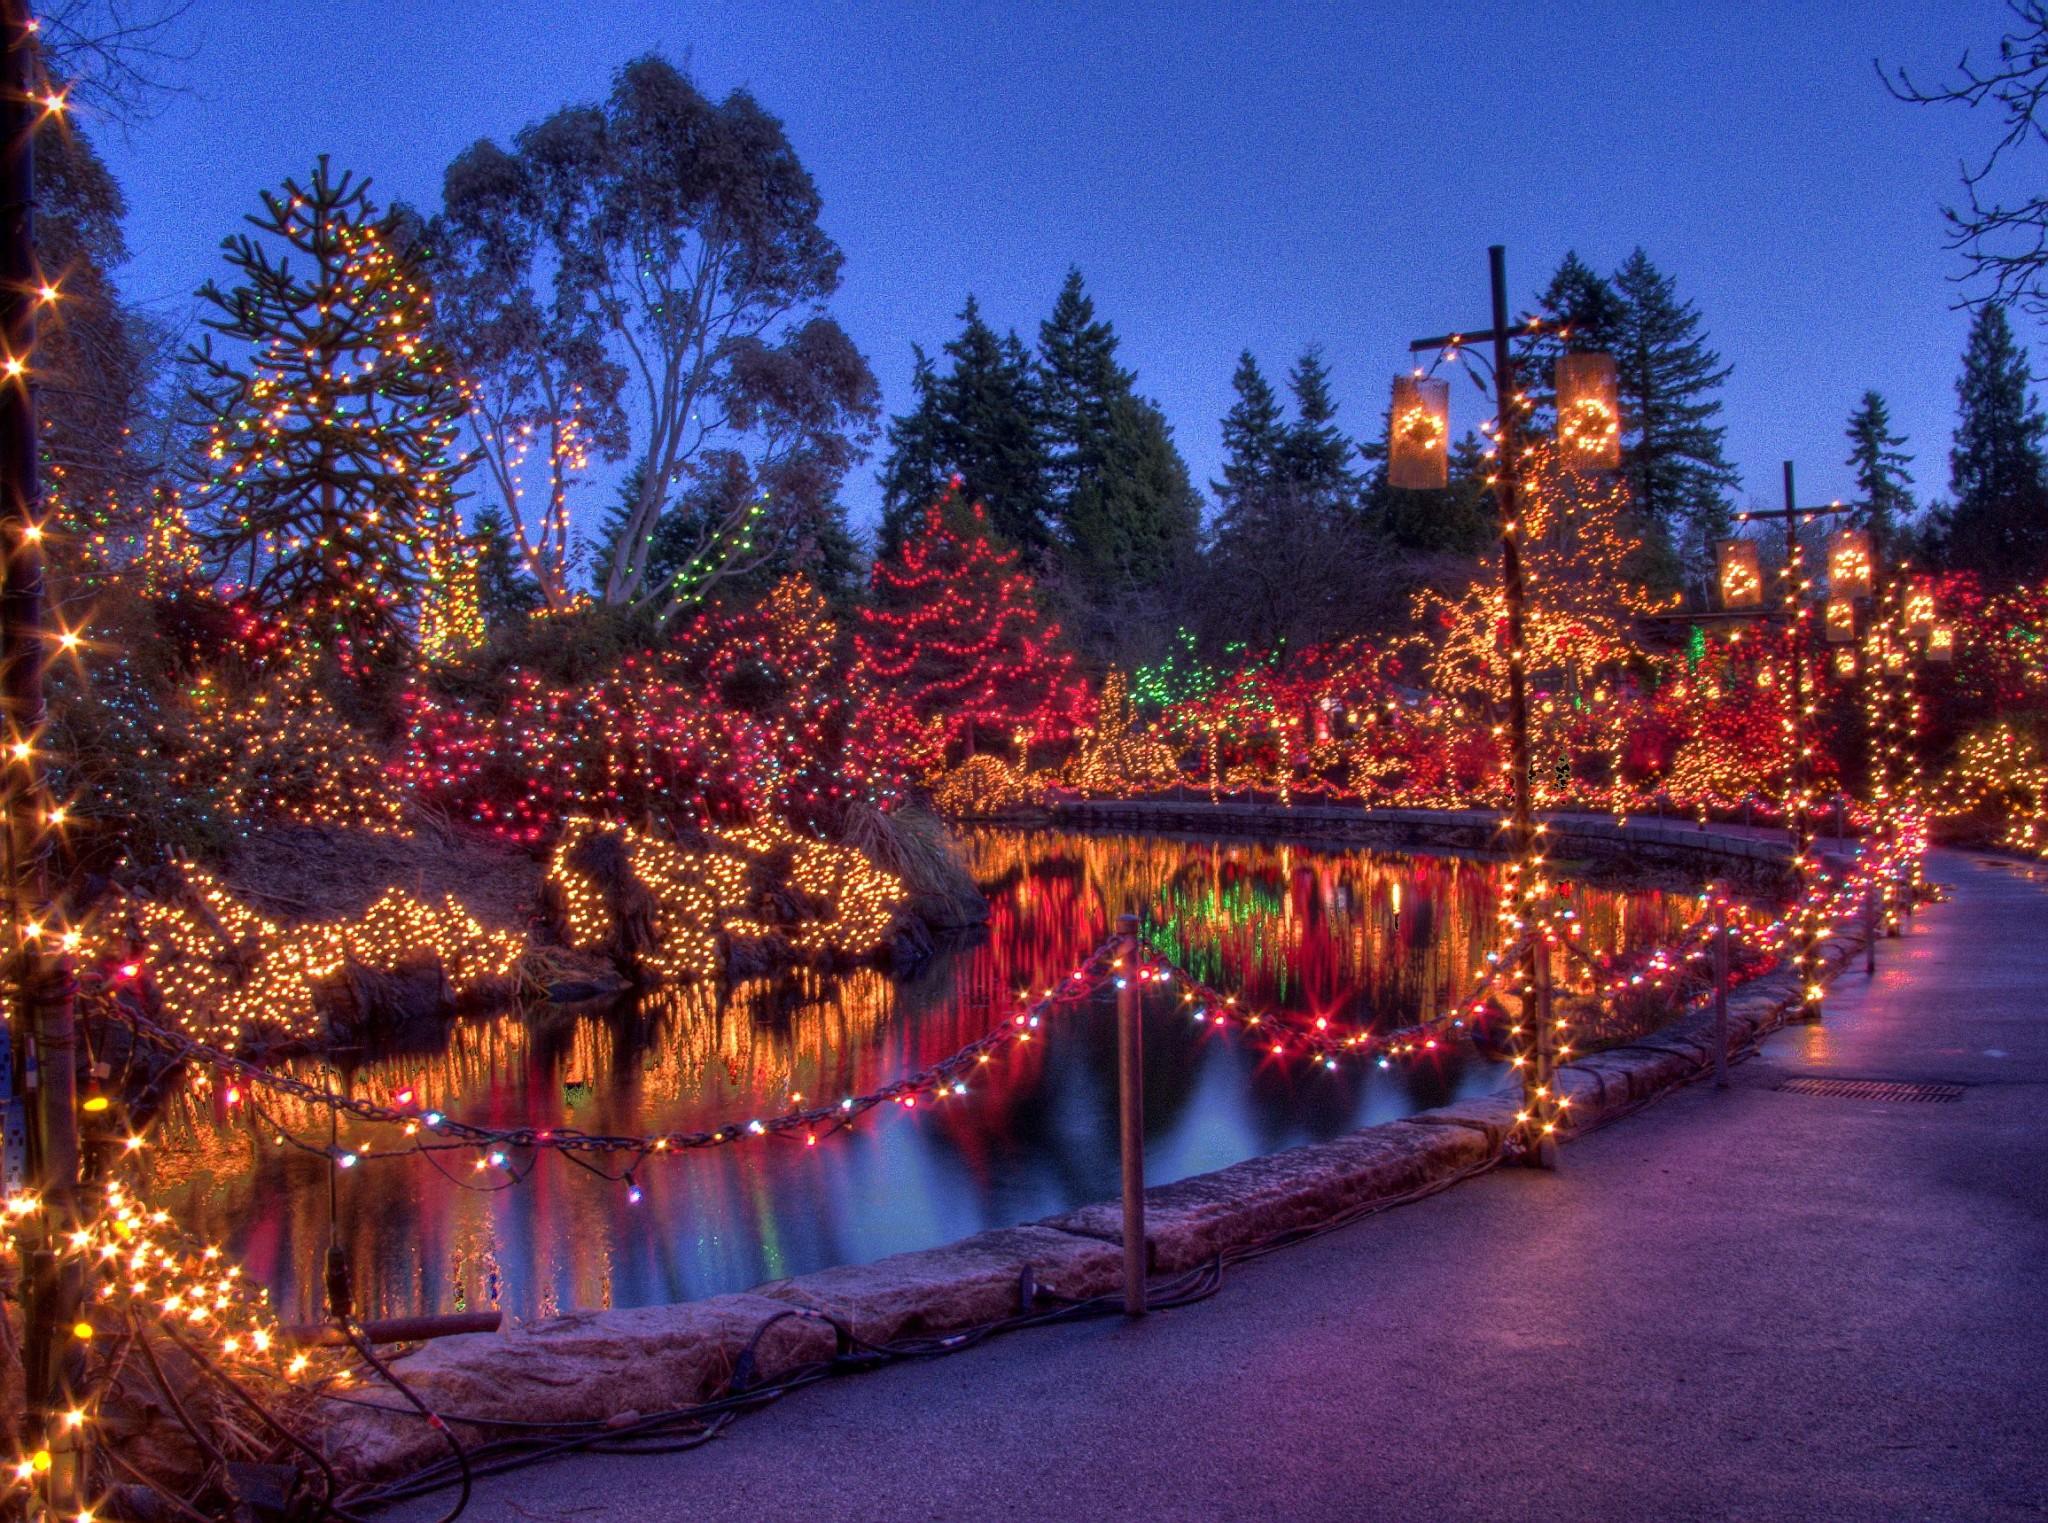 Festival of lights at vandusen botanical gardens my van city - Garden of lights botanical gardens ...